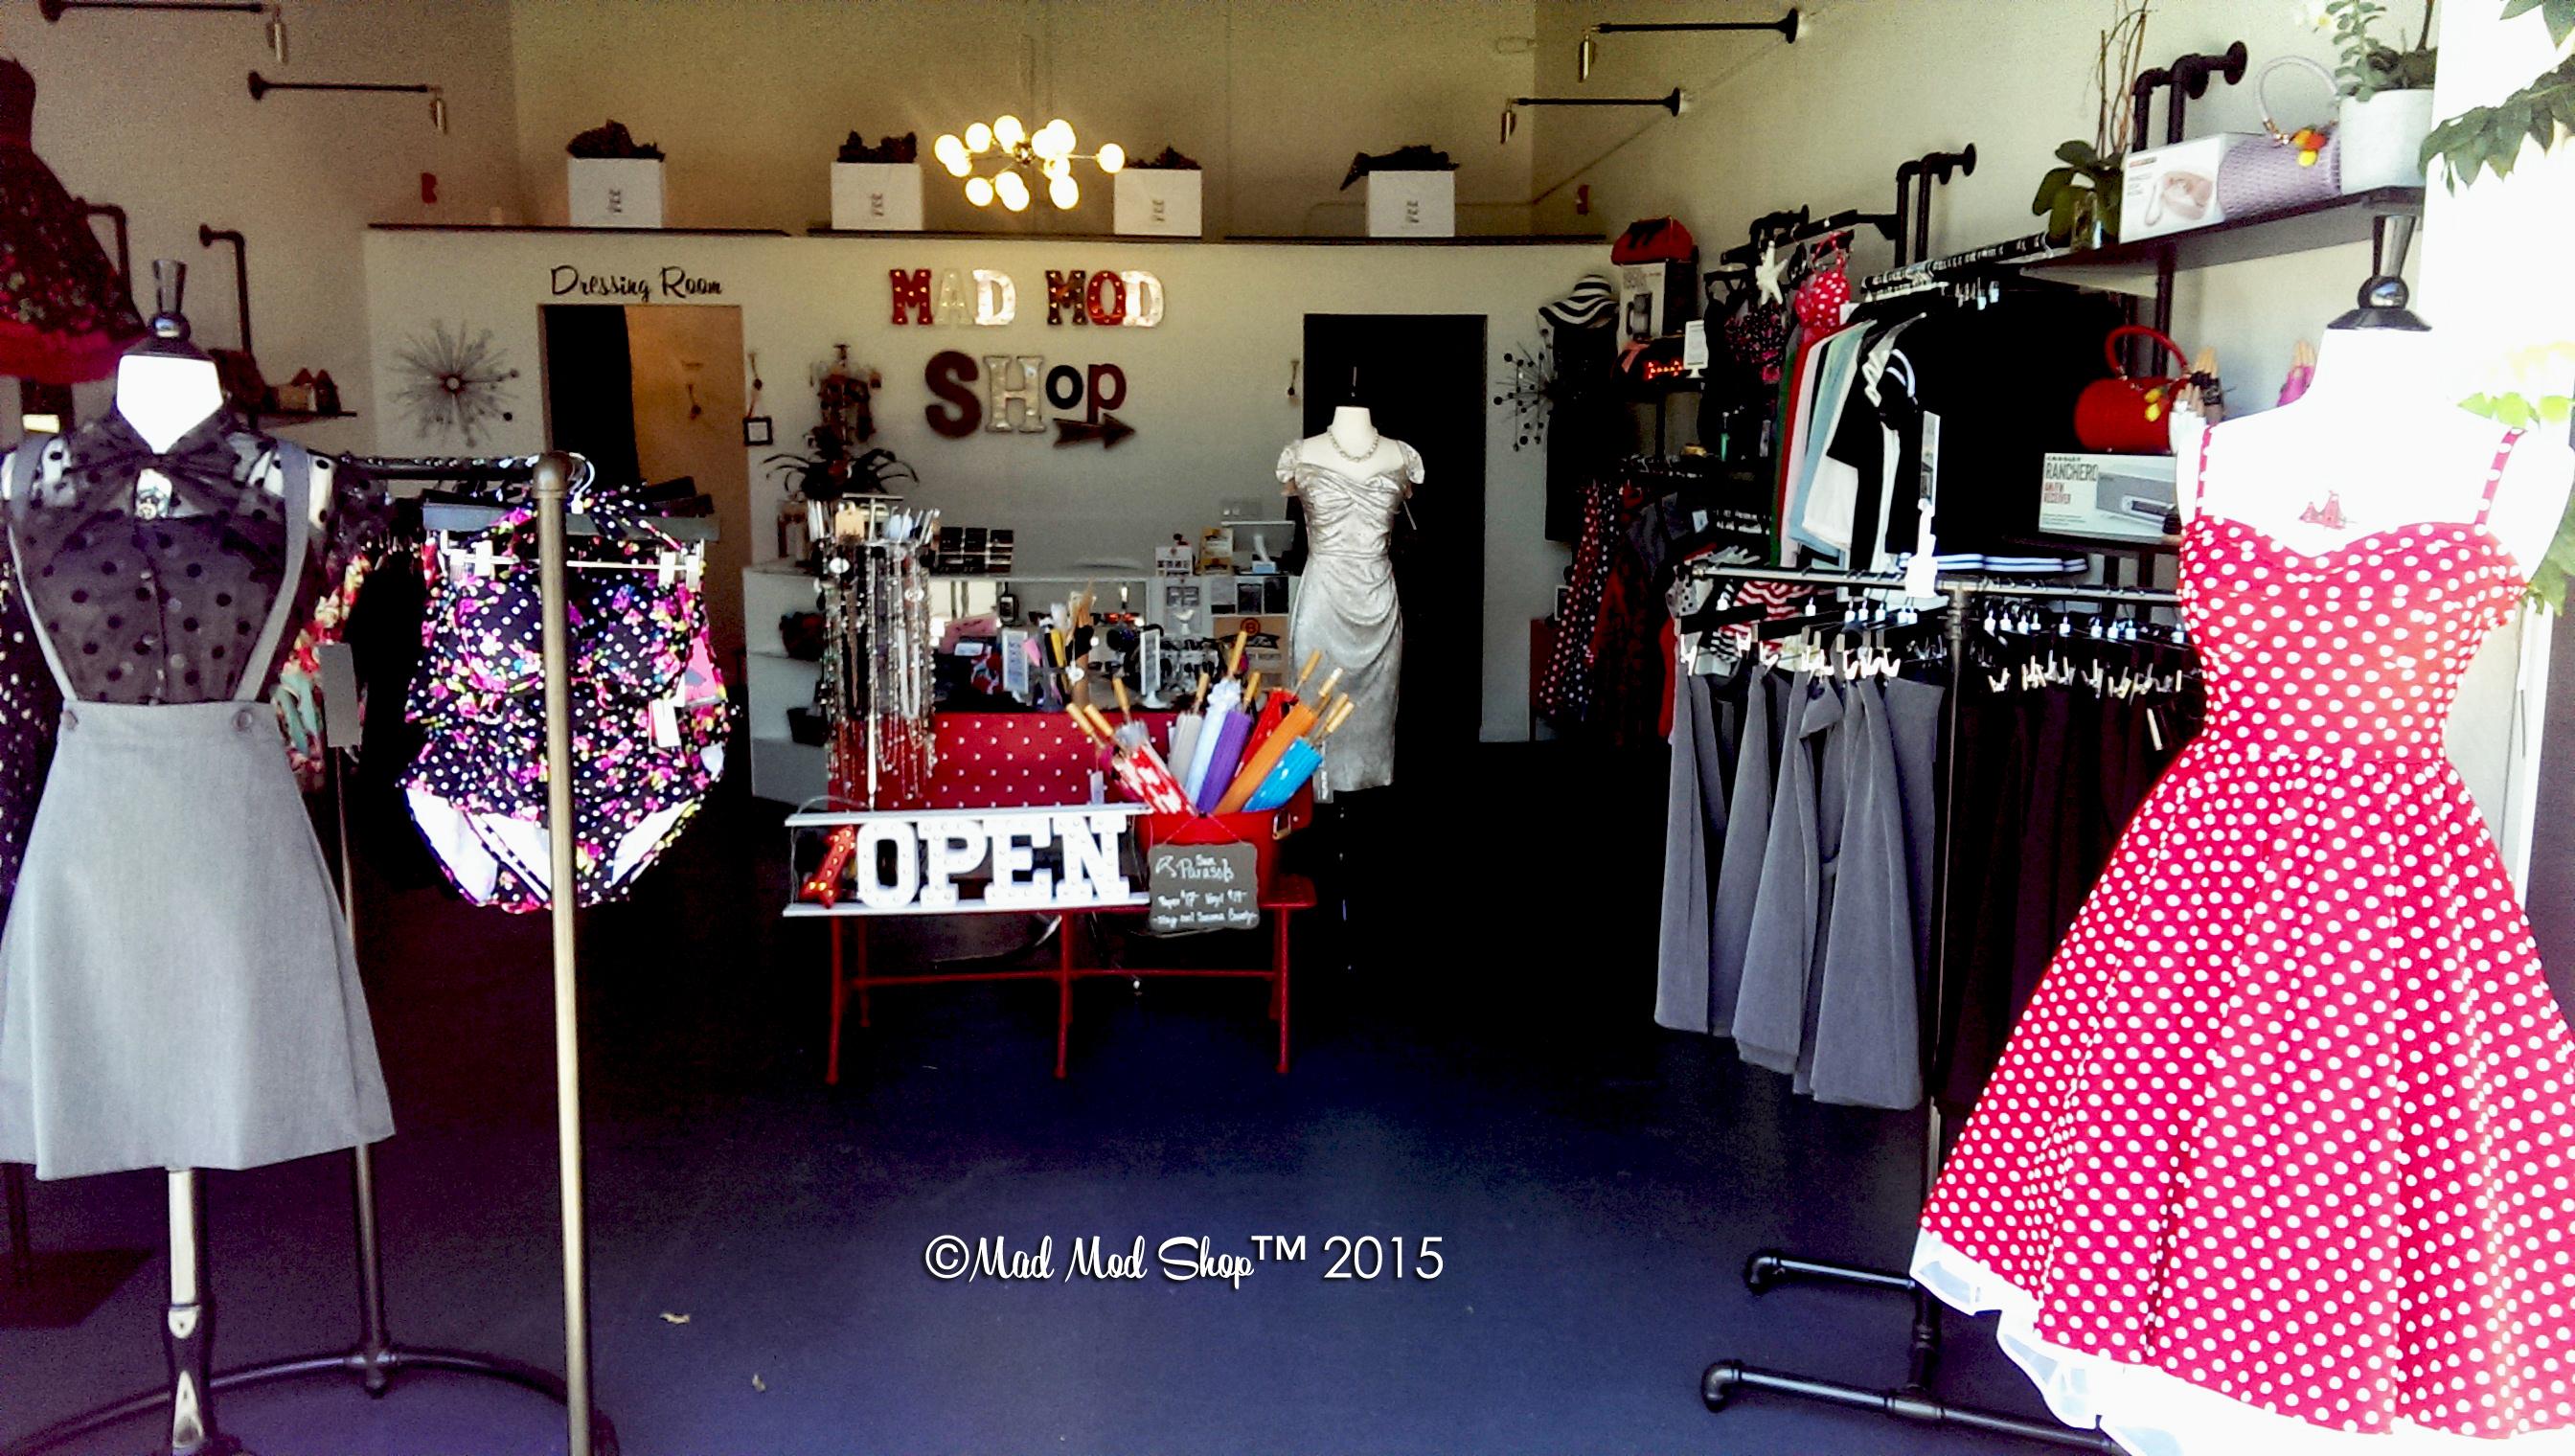 08b468b5a442 Shopping Bliss: Mad Mod Shop! | The Myriad Present